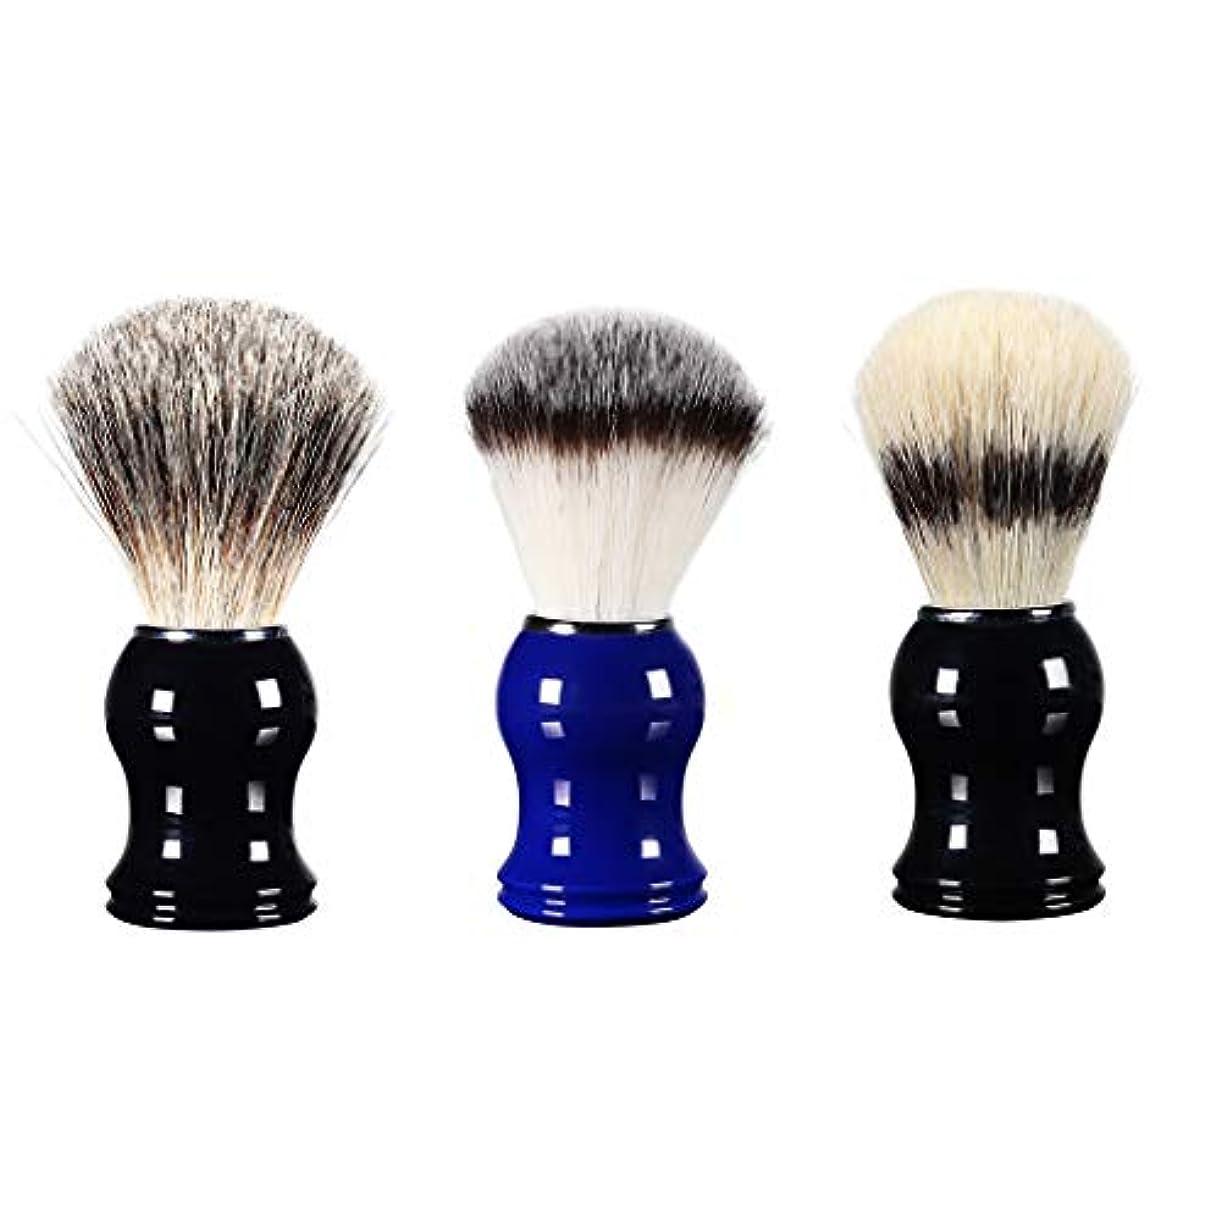 安価なロール漏斗3個 男性用 シェービング用ブラシ 理容 洗顔 髭剃り 泡立ち アクセサリー